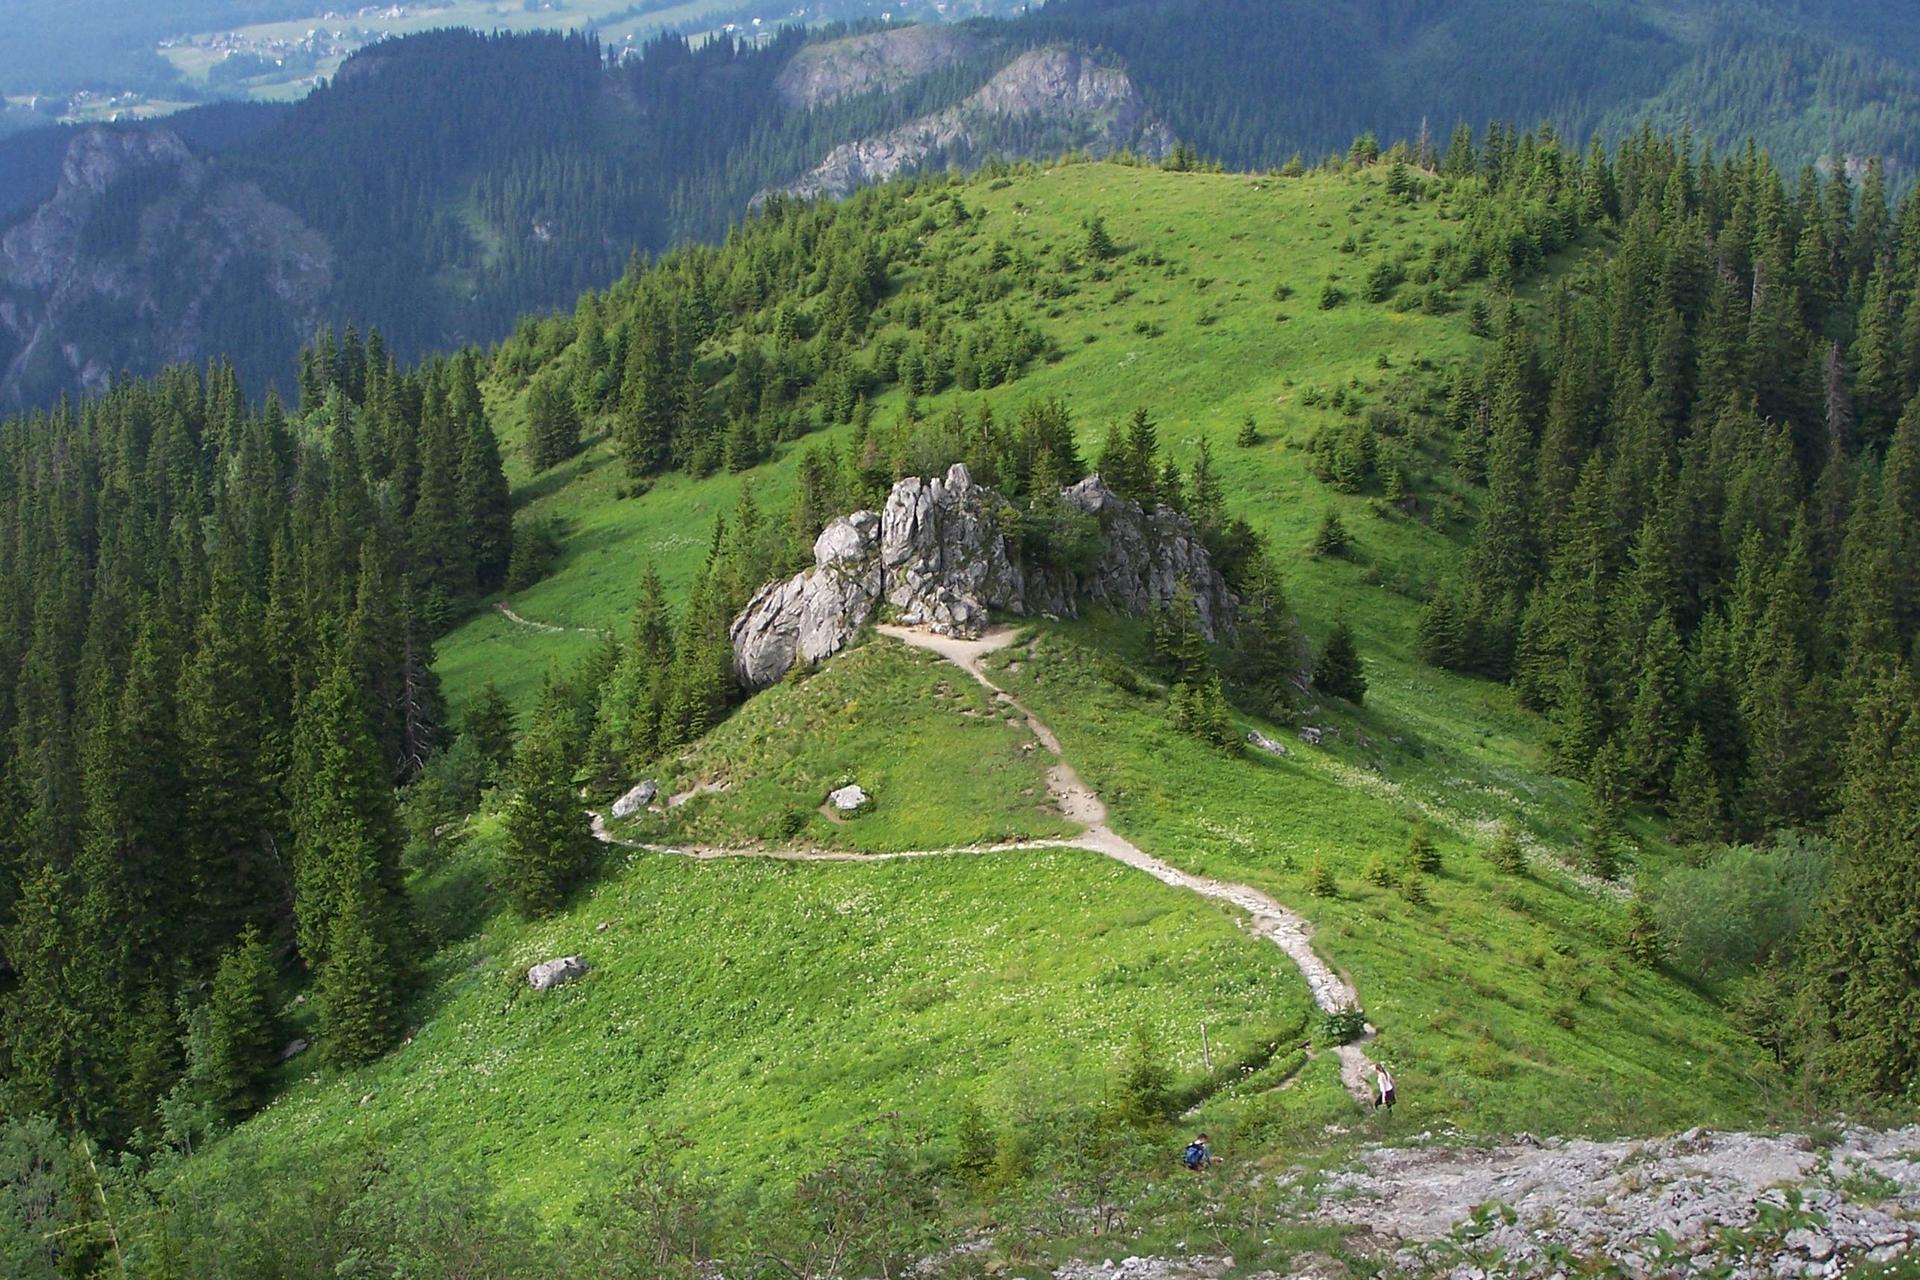 Fotografia prezentuje wygląd regla górnego. Na fotografii widoczne wzniesienie zporastającym je lasem świerkowym.